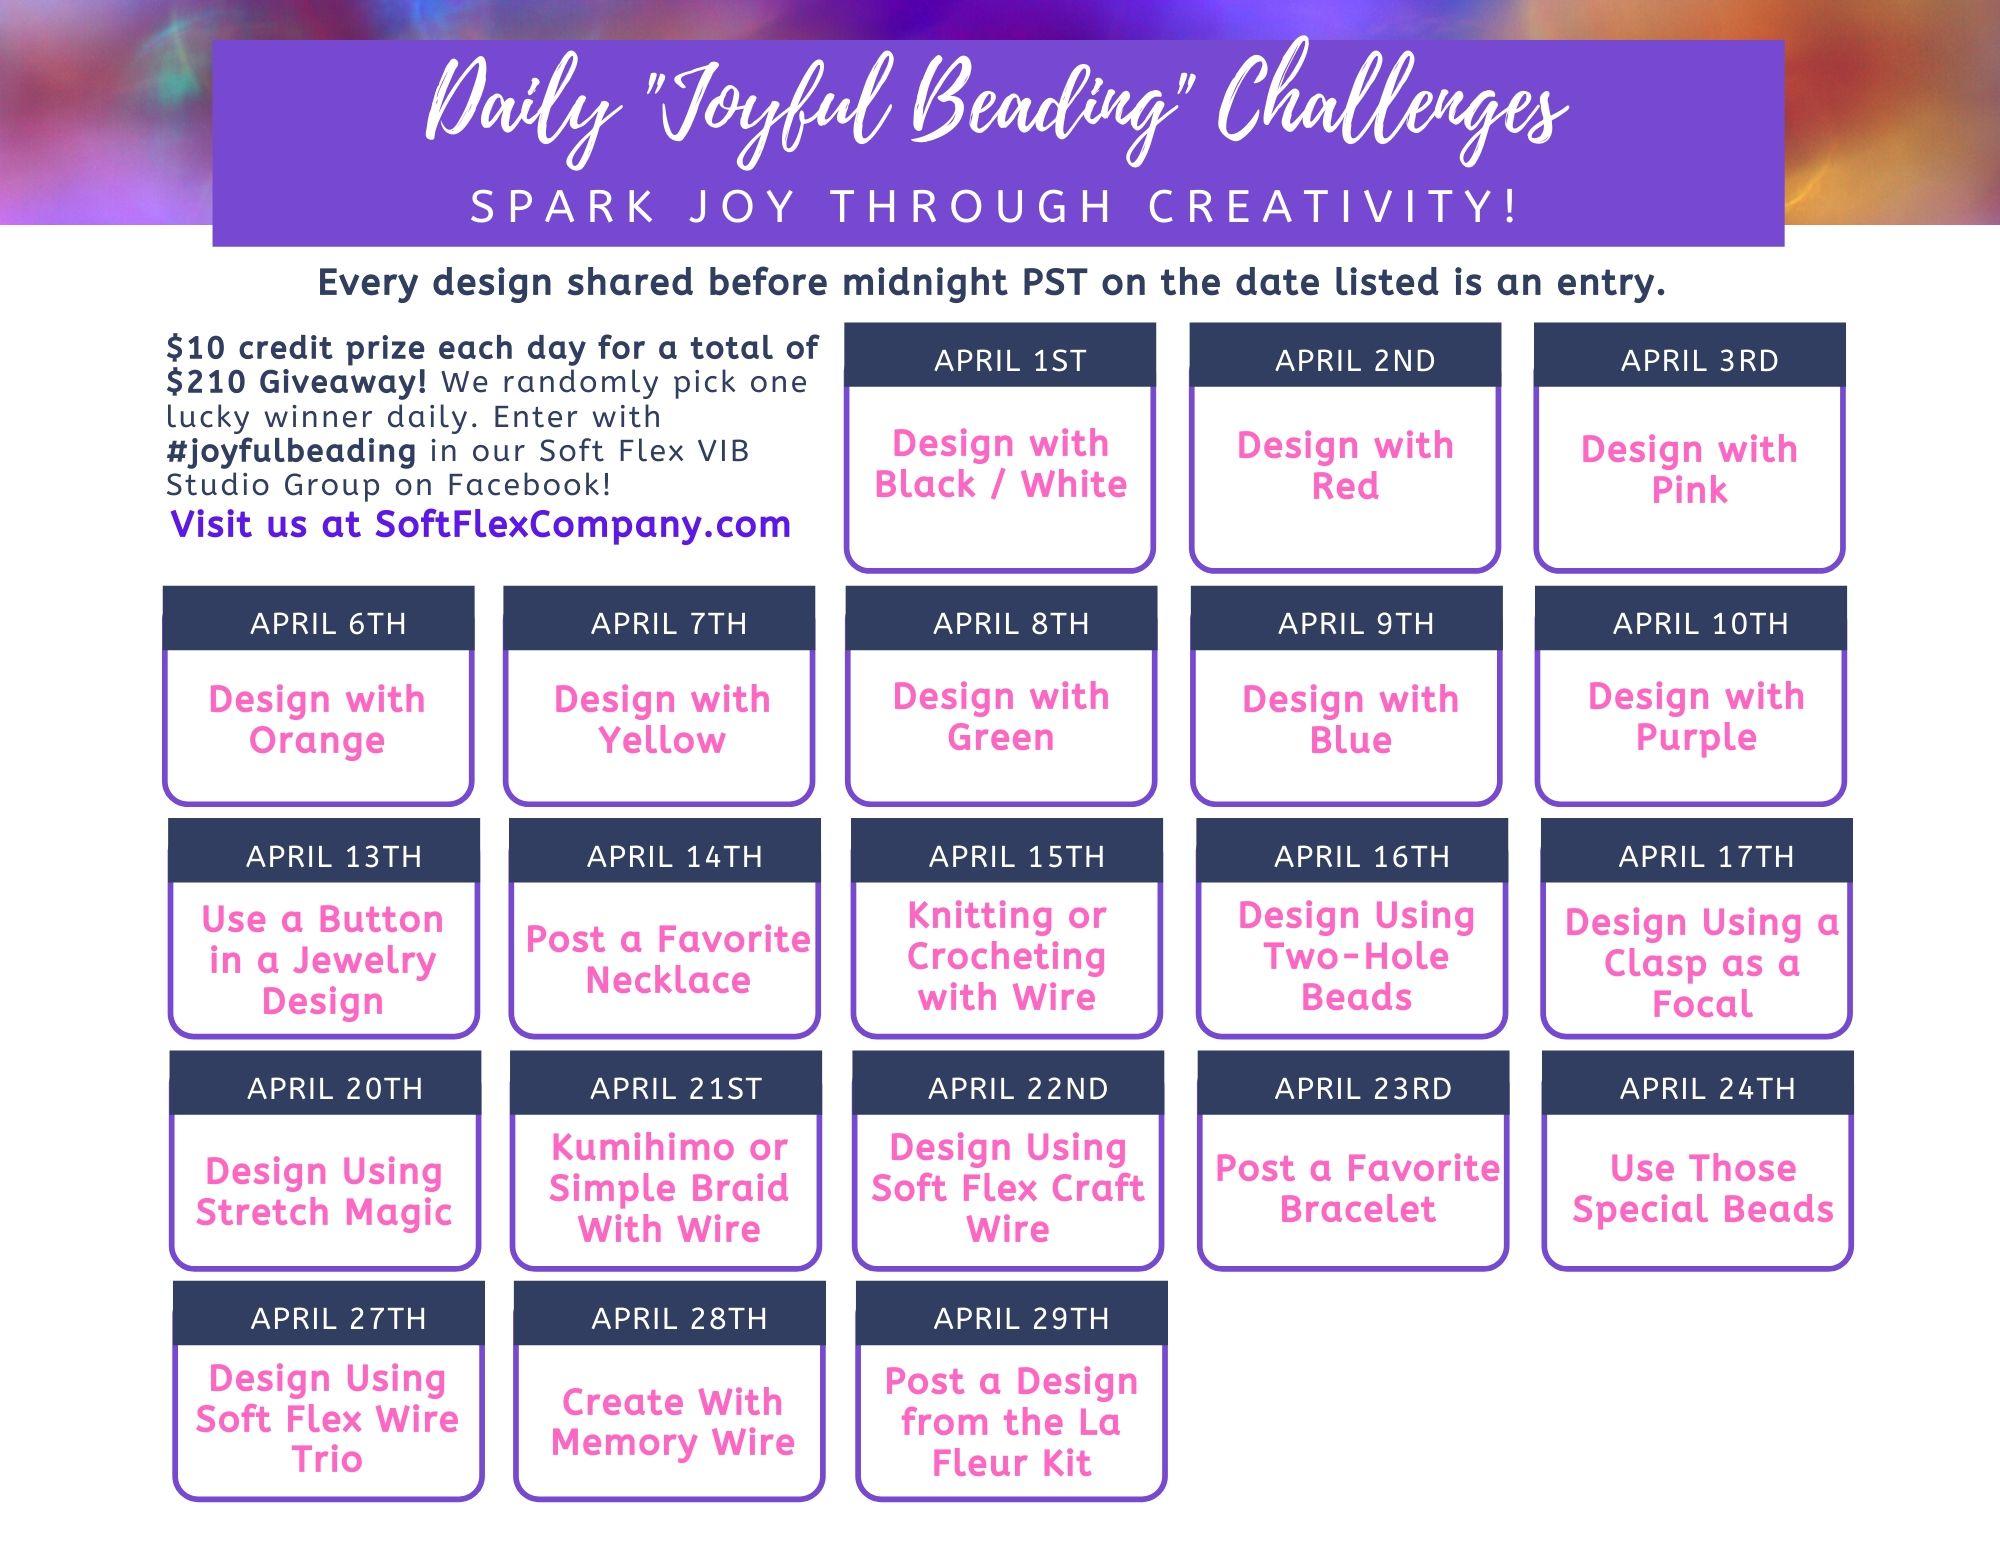 Joyful Beading Calendar